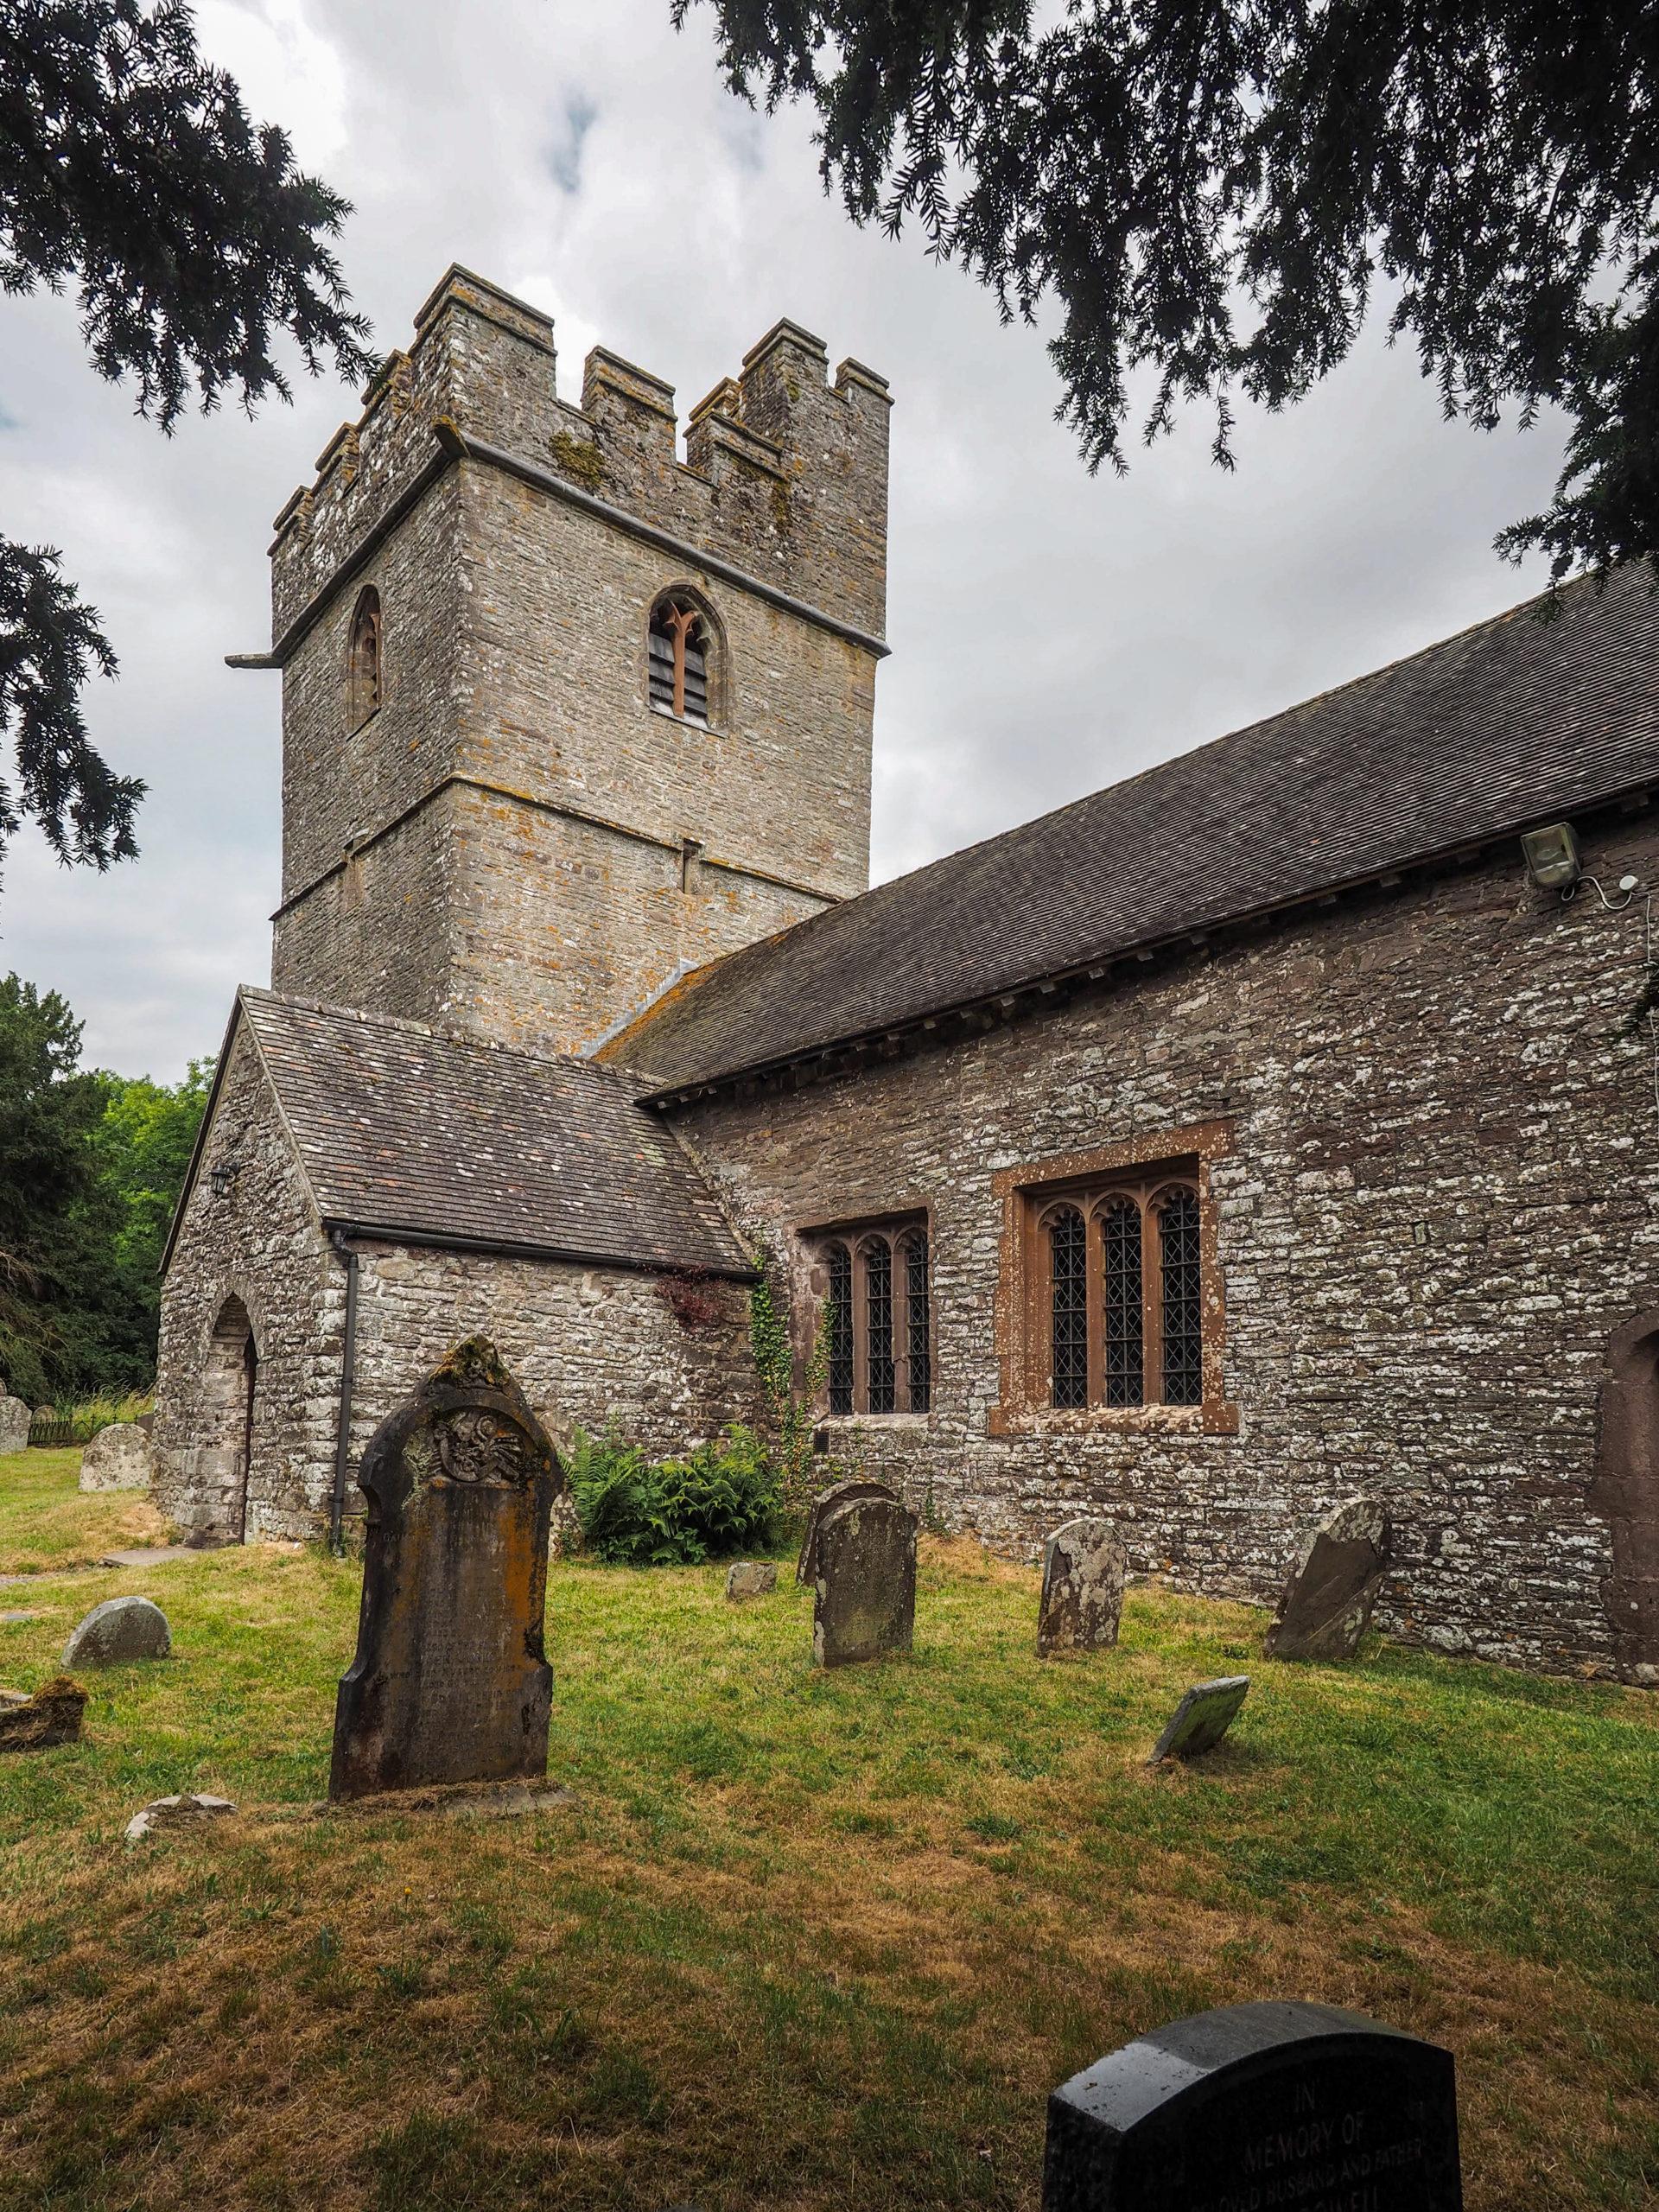 Llanfeugan church